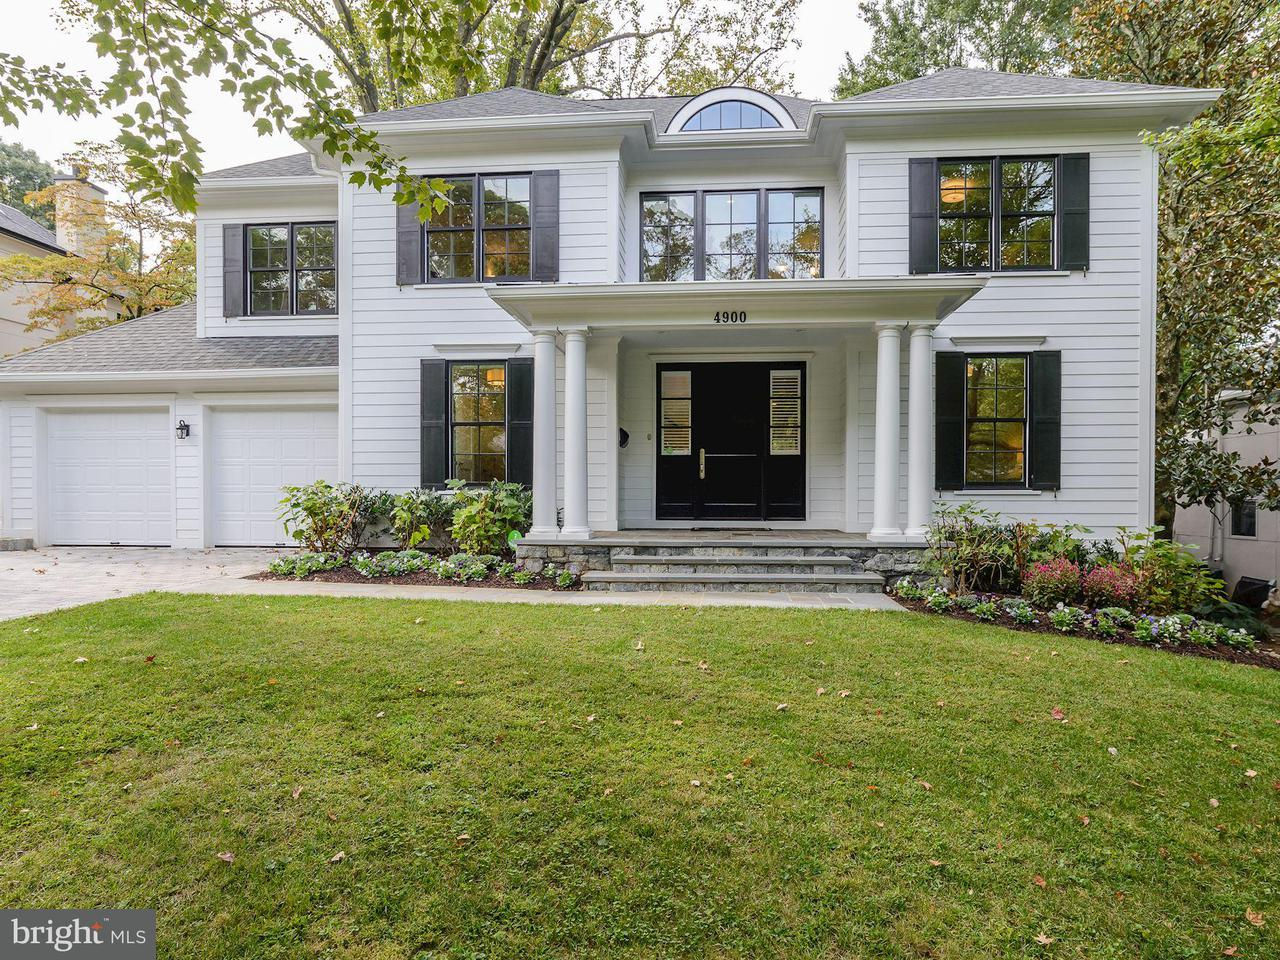 Vivienda unifamiliar por un Venta en 4900 FALSTONE Avenue 4900 FALSTONE Avenue Chevy Chase, Maryland 20815 Estados Unidos